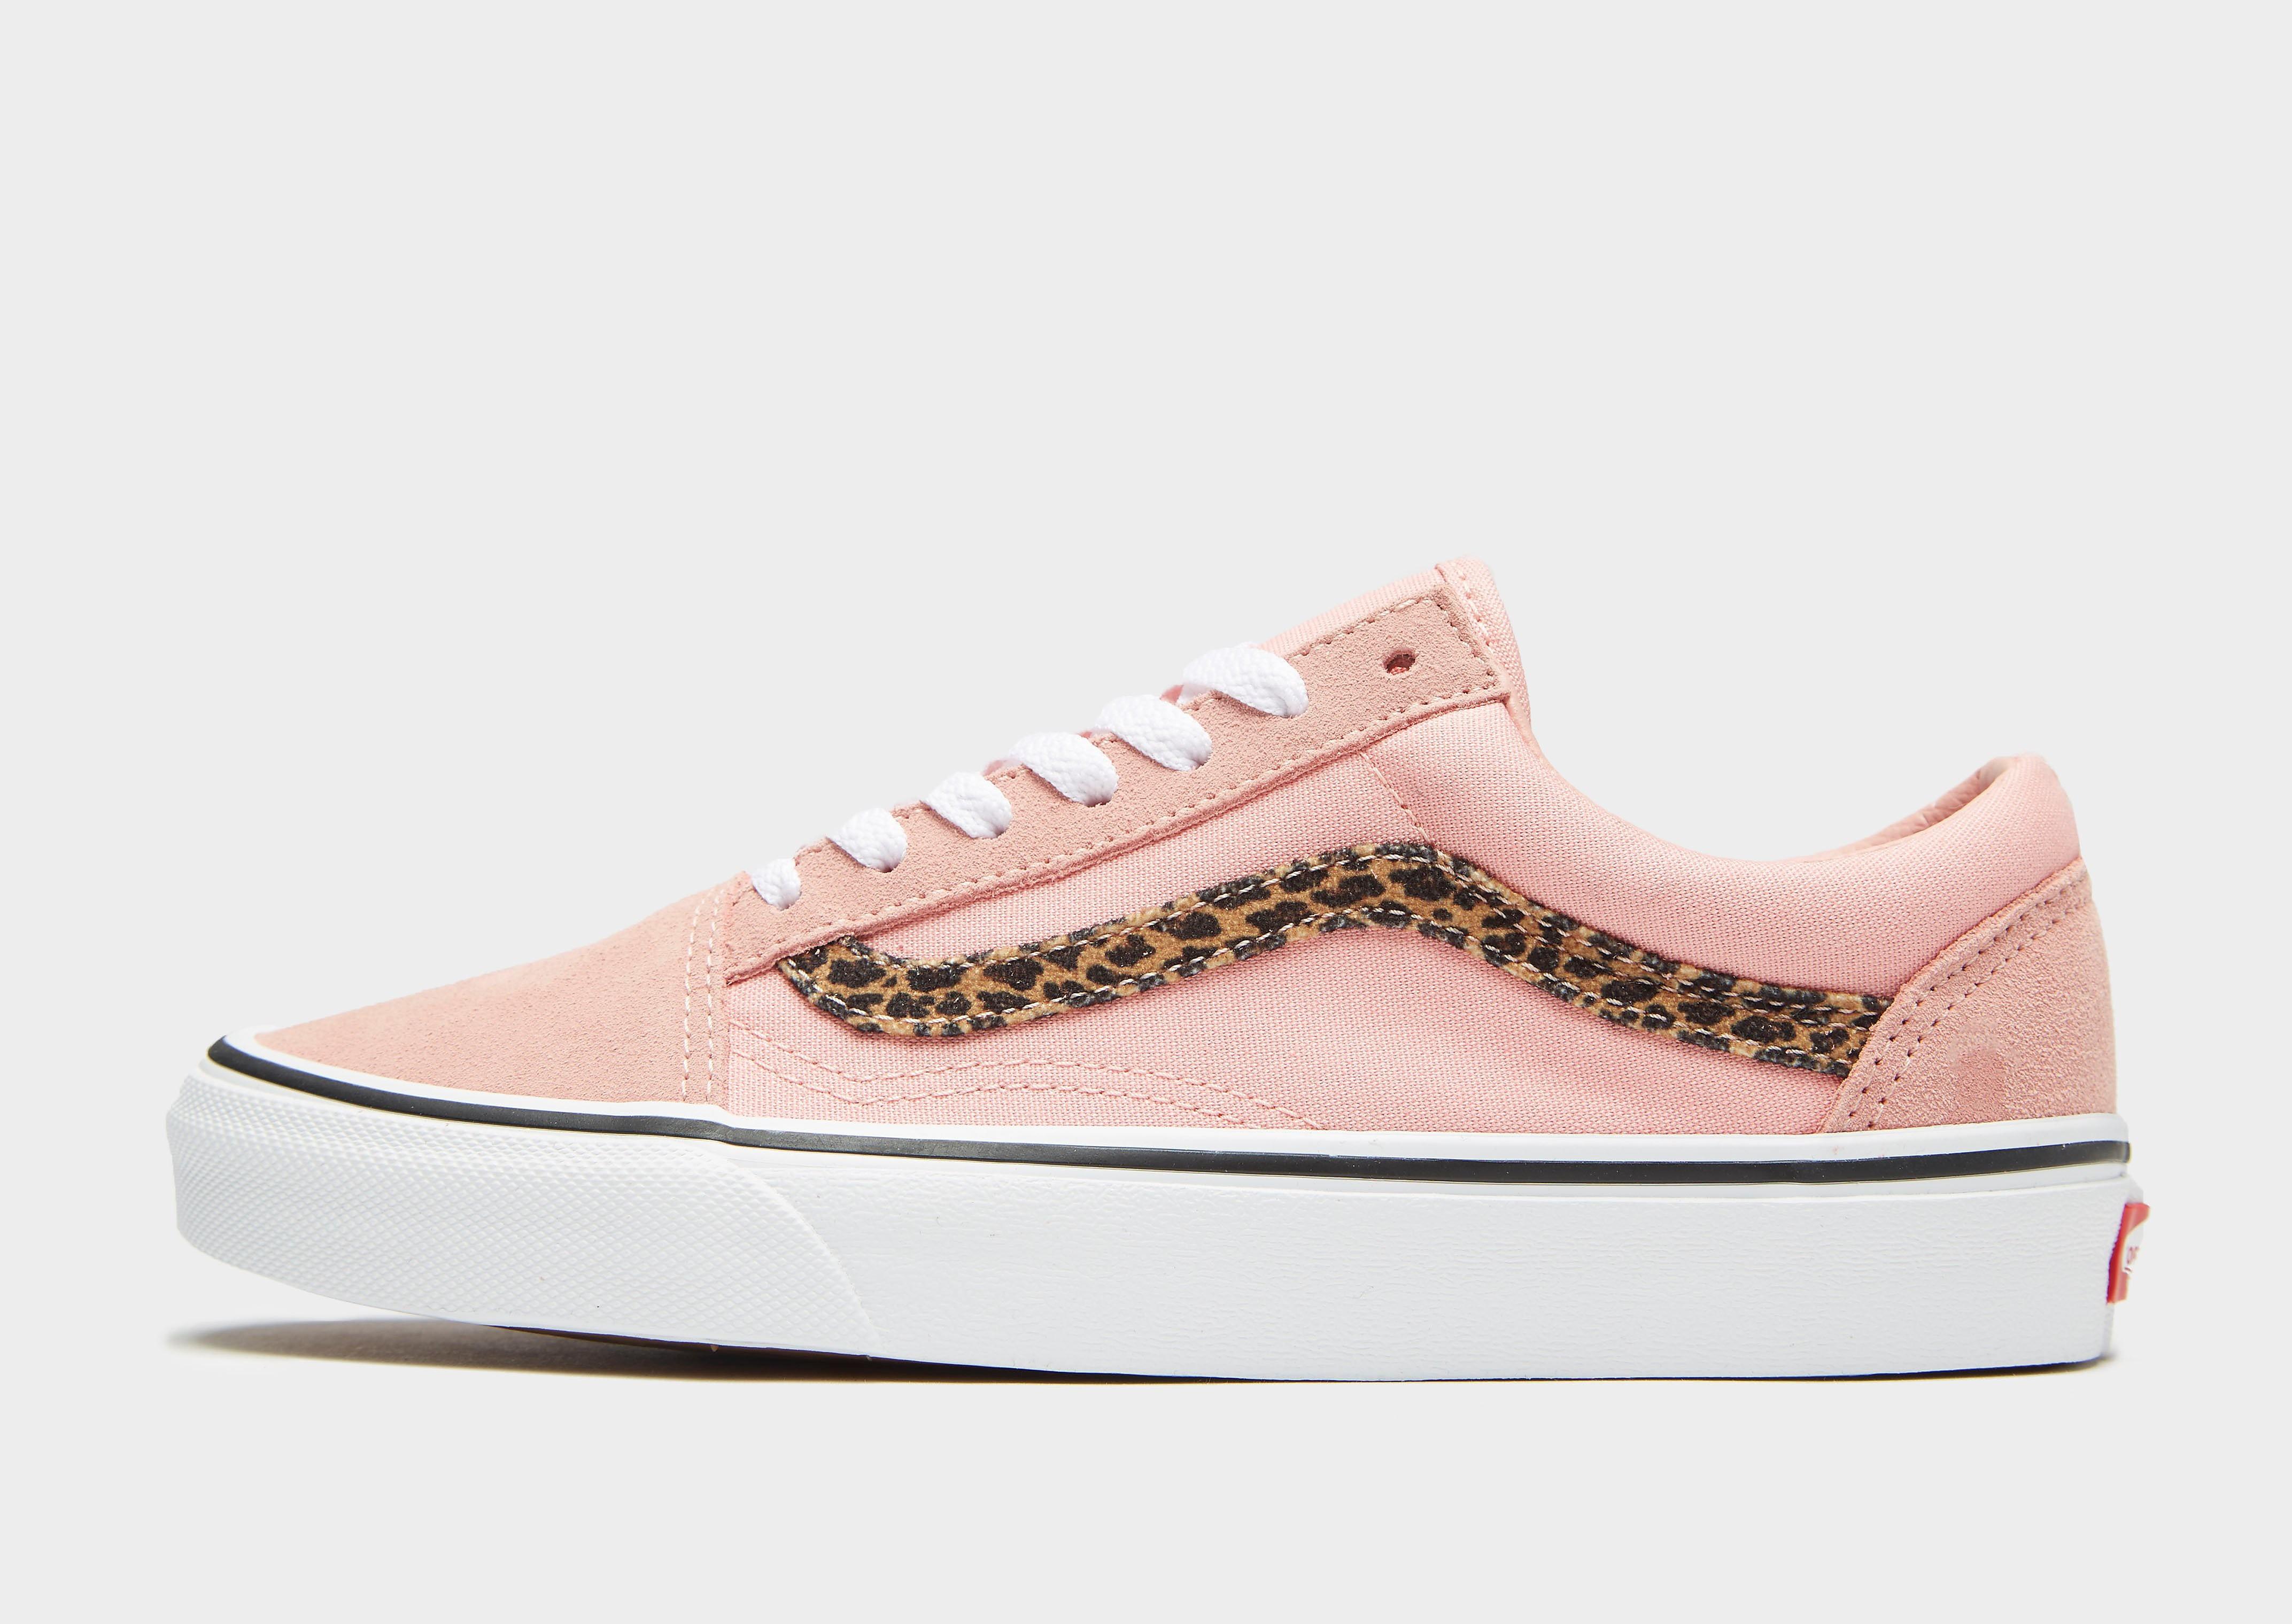 Precios de zapatillas casual JD Sports Vans rosas baratos